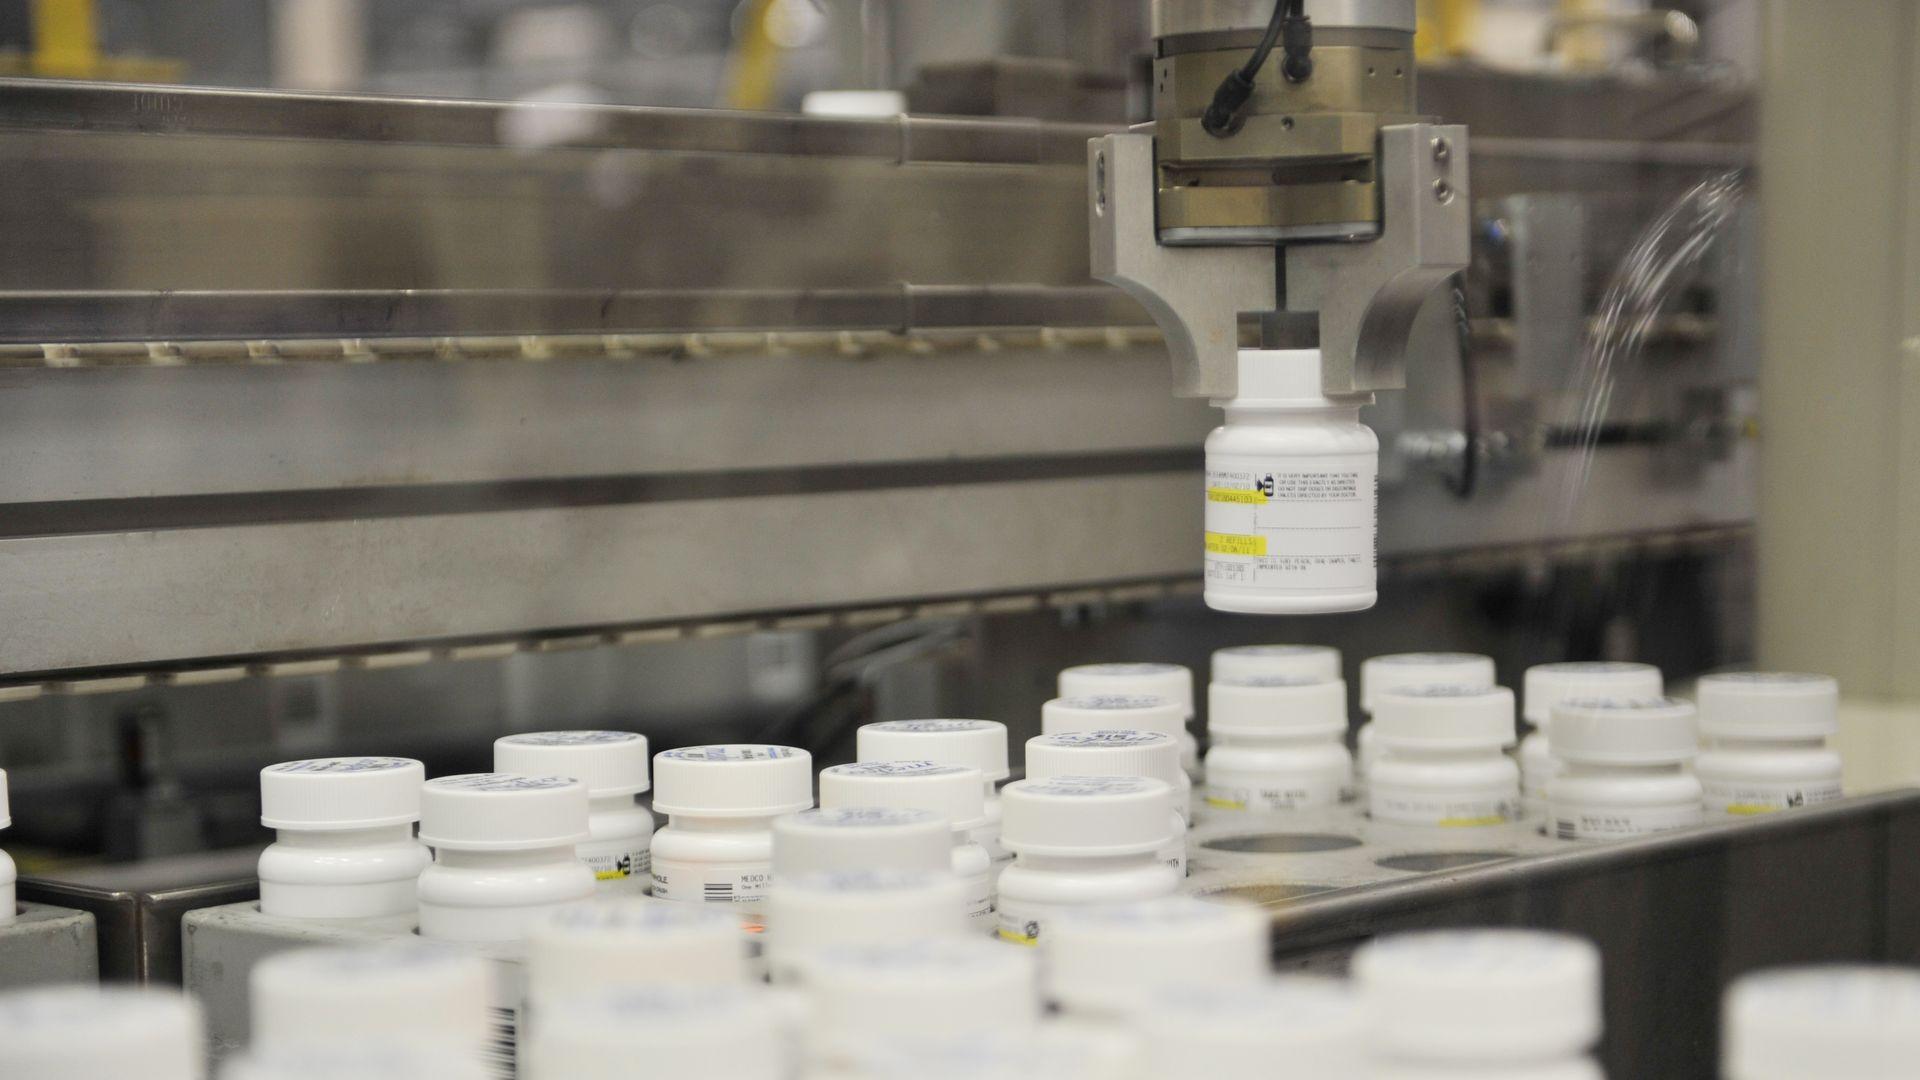 A robot arm picks up a bottle of pills.